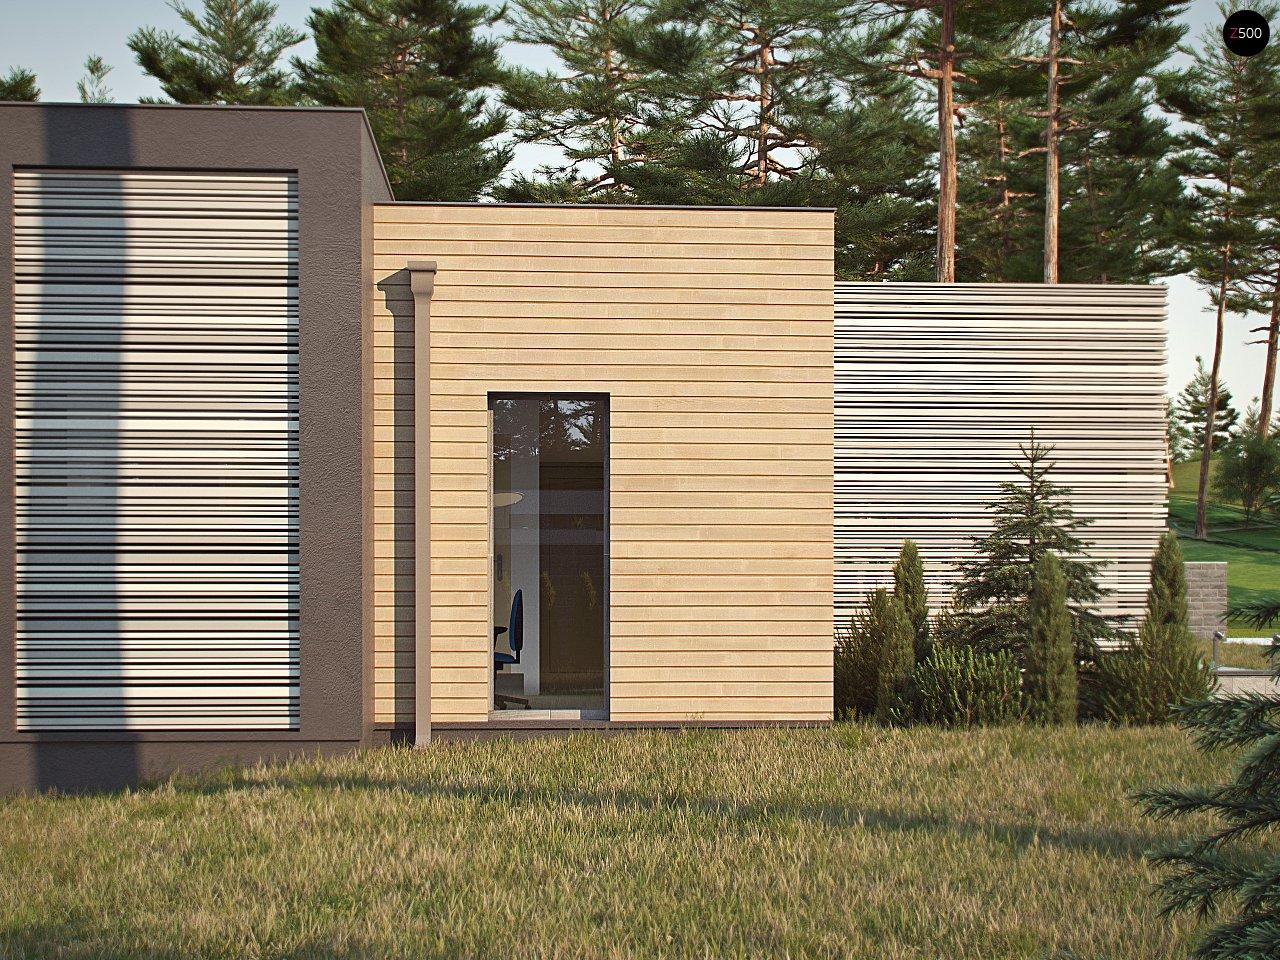 Одноэтажный дом в стиле хай-тек с плоской кровлей и большой площадью остекления. 5